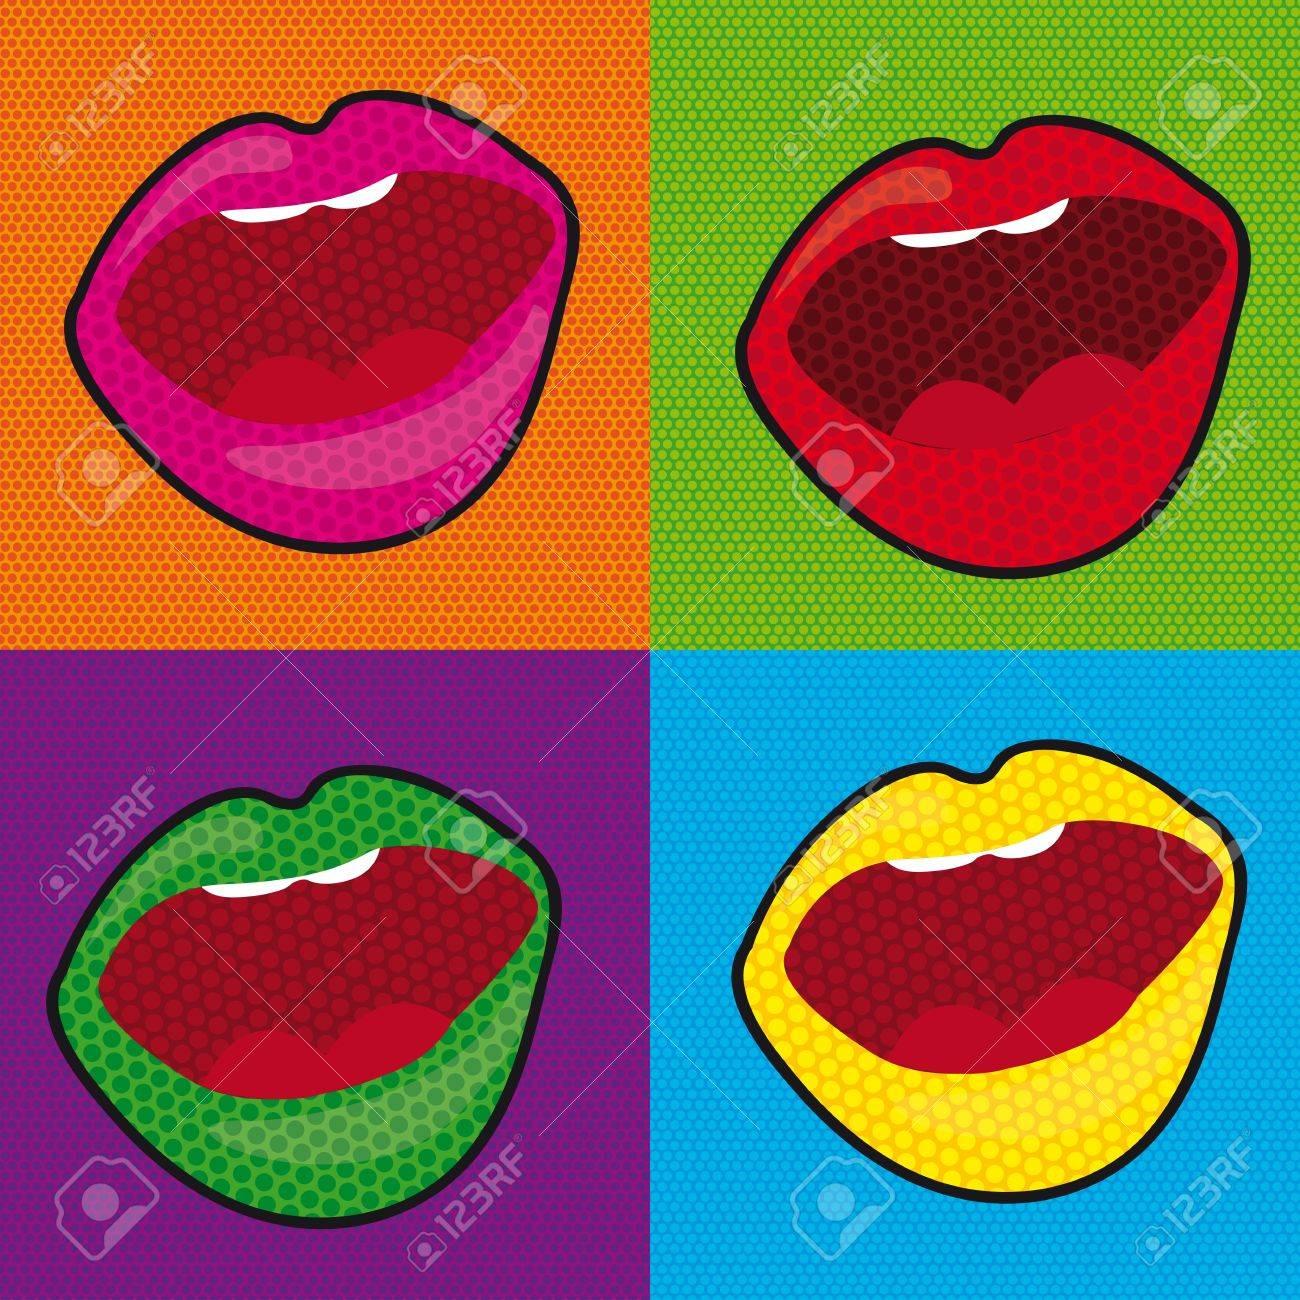 la boca del arte pop sobre fondo de azulejos de colores ilustracin foto de archivo